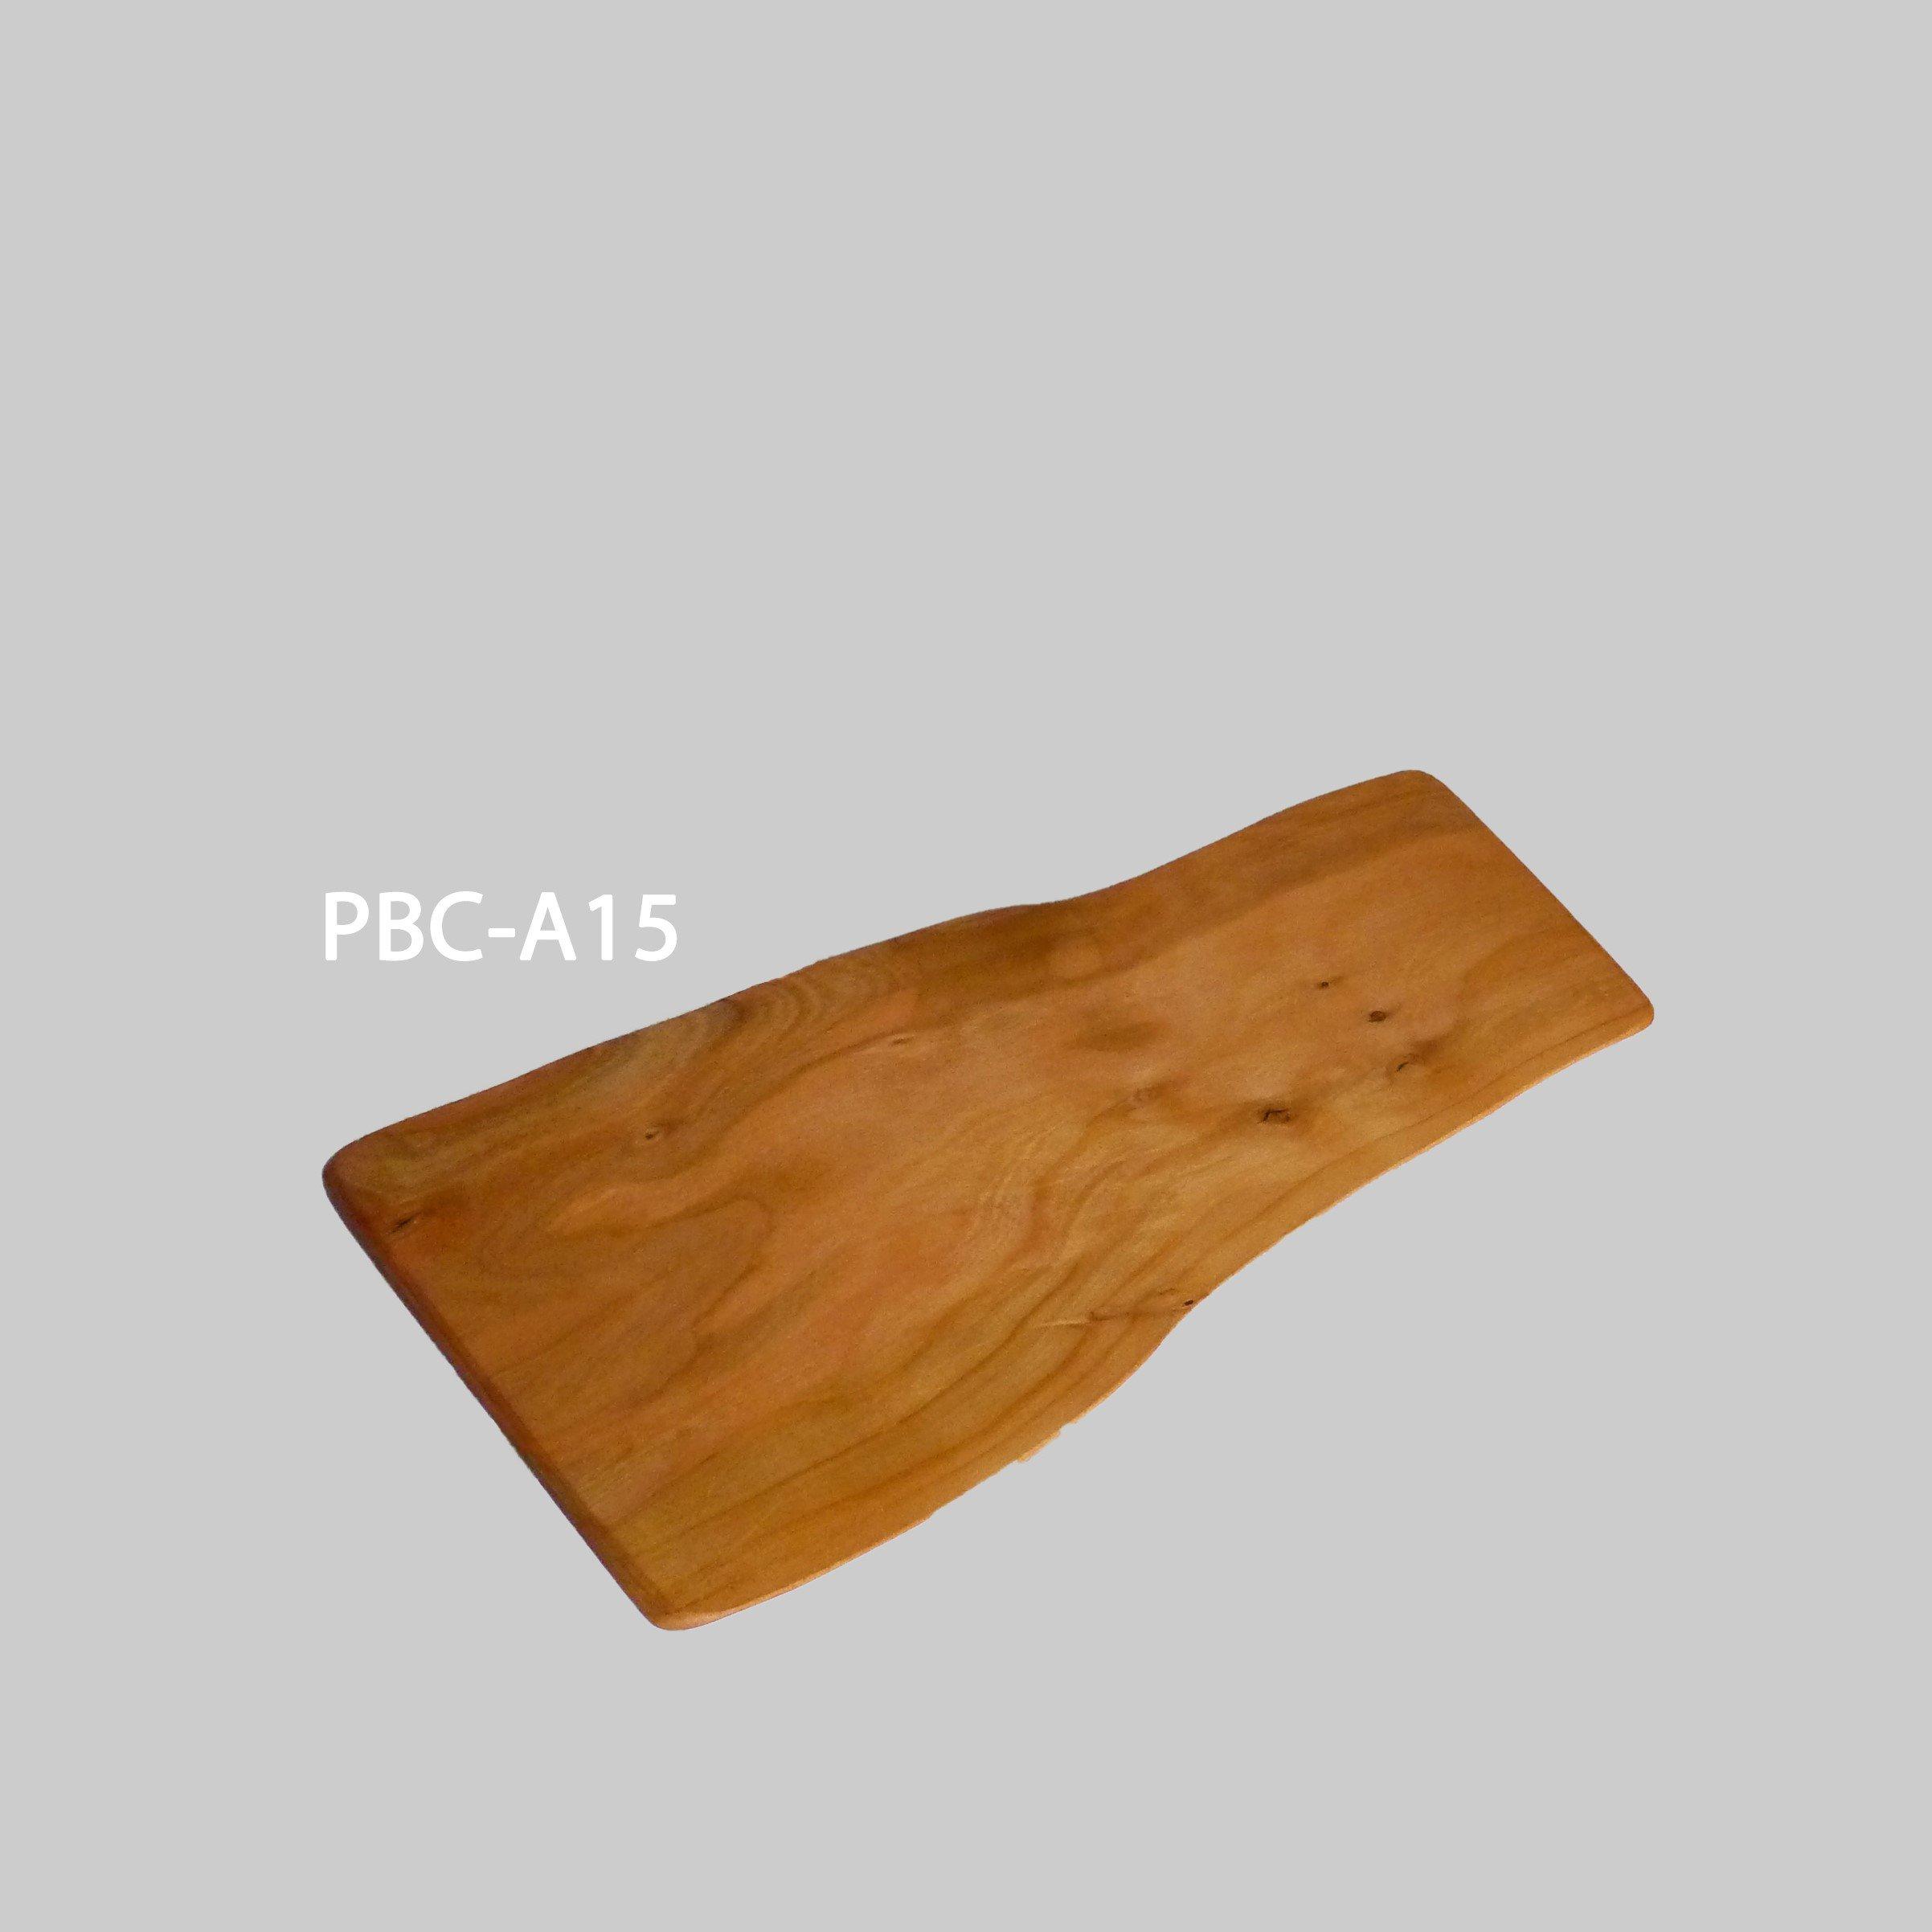 PBC-A15